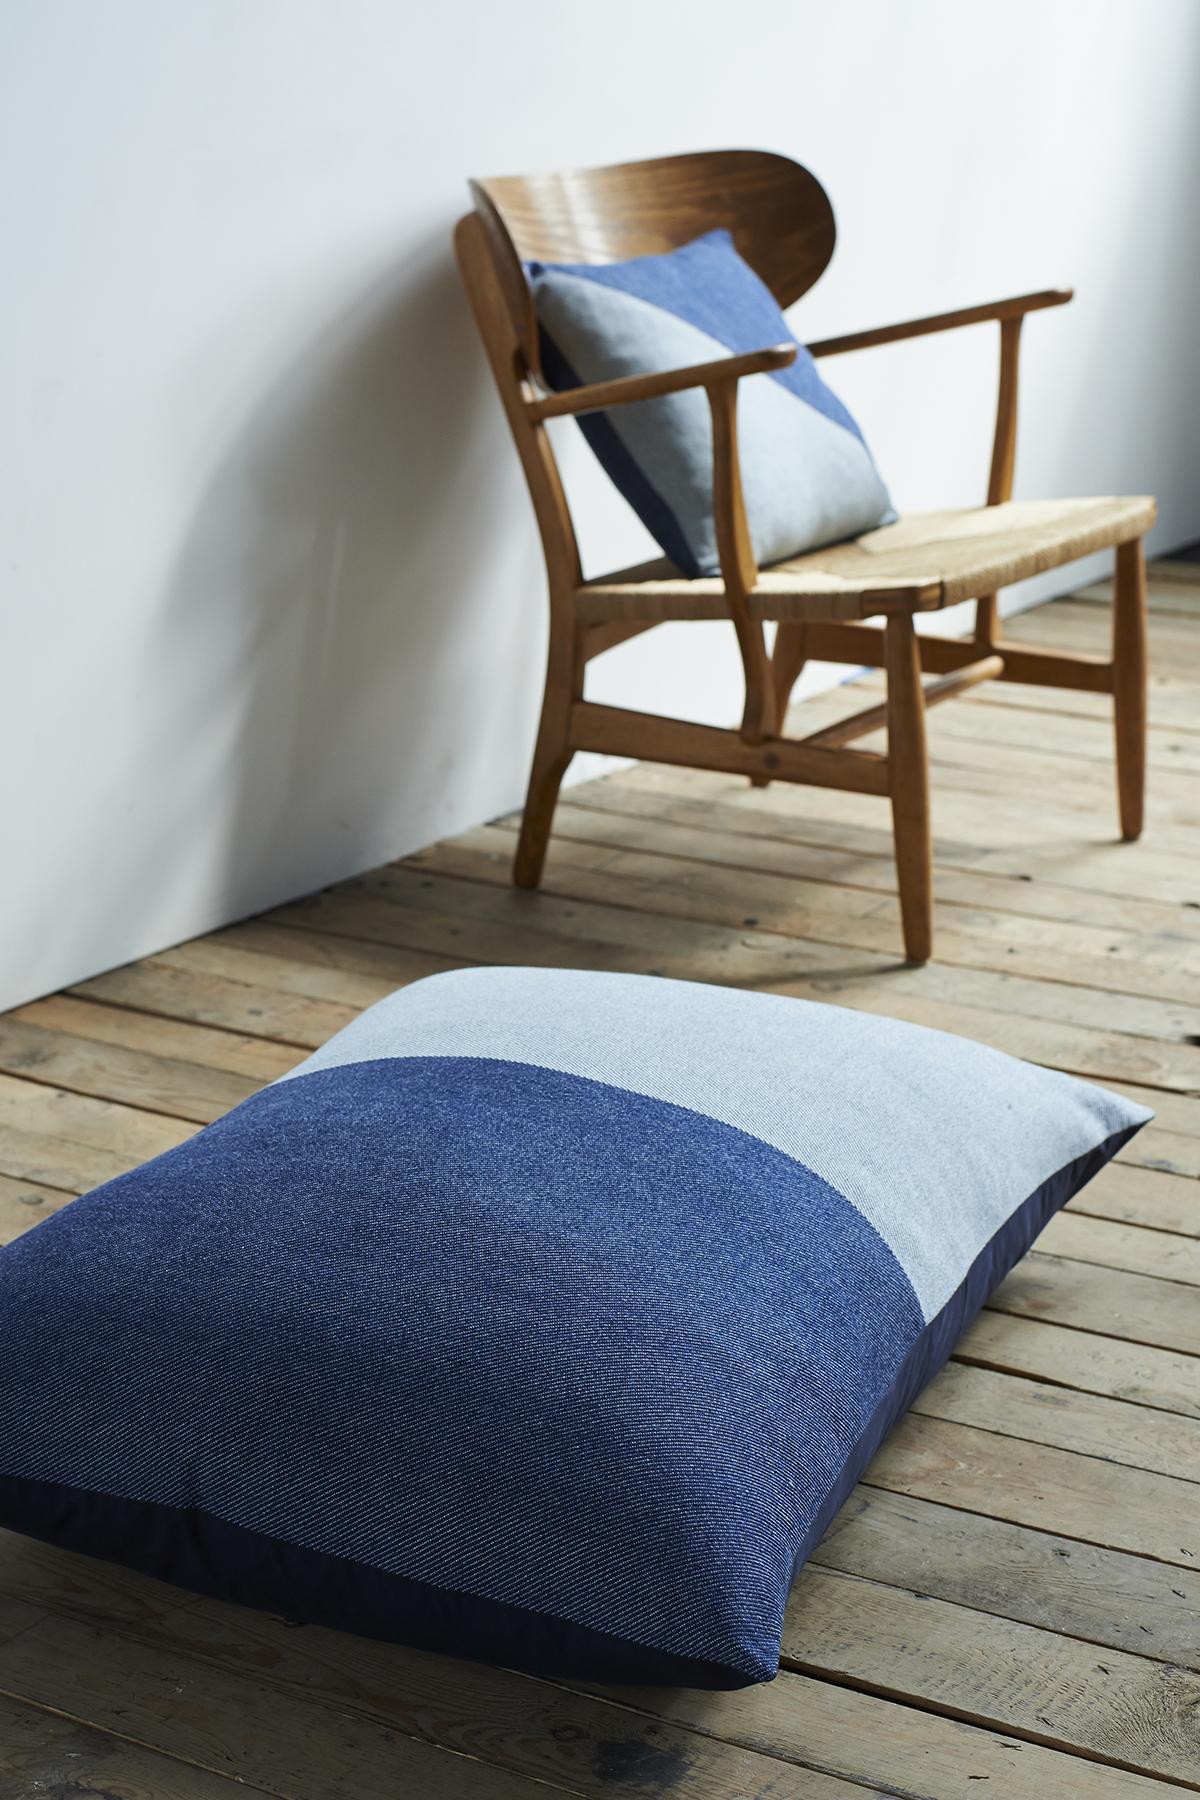 'Lane x London Cloth' Cotton Floor Cushion and Cotton Cushion - Triangle Context LR.jpg